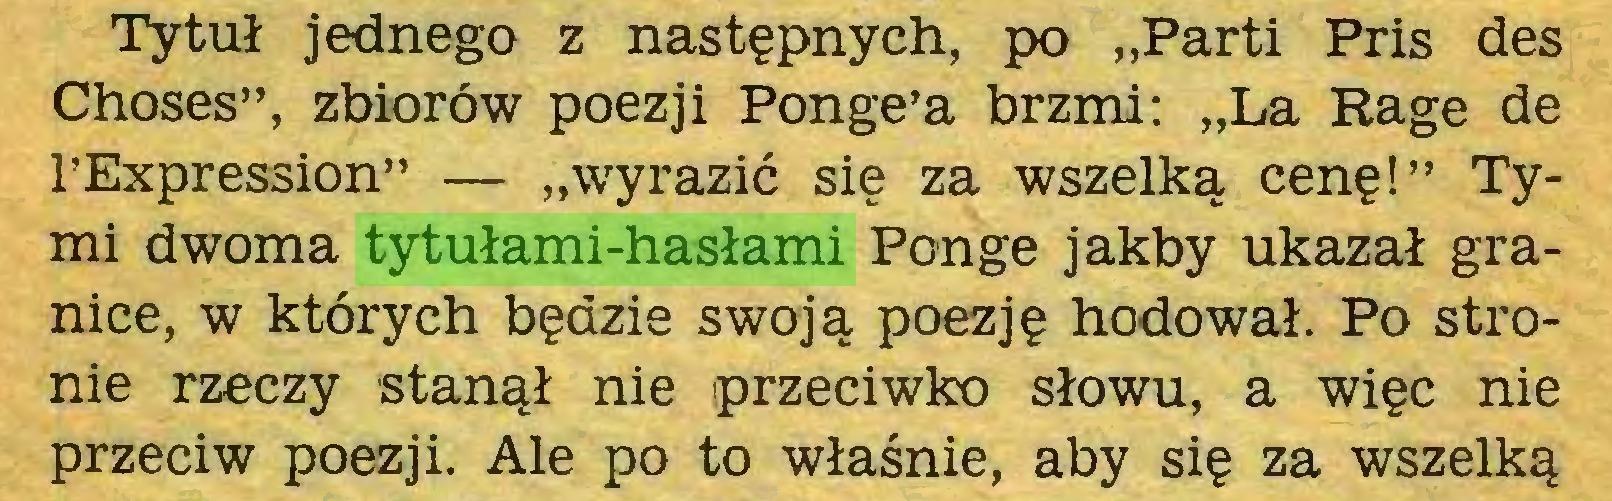 """(...) Tytuł jednego z następnych, po """"Parti Pris des Choses"""", zbiorów poezji Ponge'a brzmi: """"La Rage de l'Expression"""" — """"wyrazić się za wszelką cenę!"""" Tymi dwoma tytułami-hasłami Ponge jakby ukazał granice, w których będzie swoją poezję hodował. Po stronie rzeczy stanął nie przeciwko słowu, a więc nie przeciw poezji. Ale po to właśnie, aby się za wszelką..."""